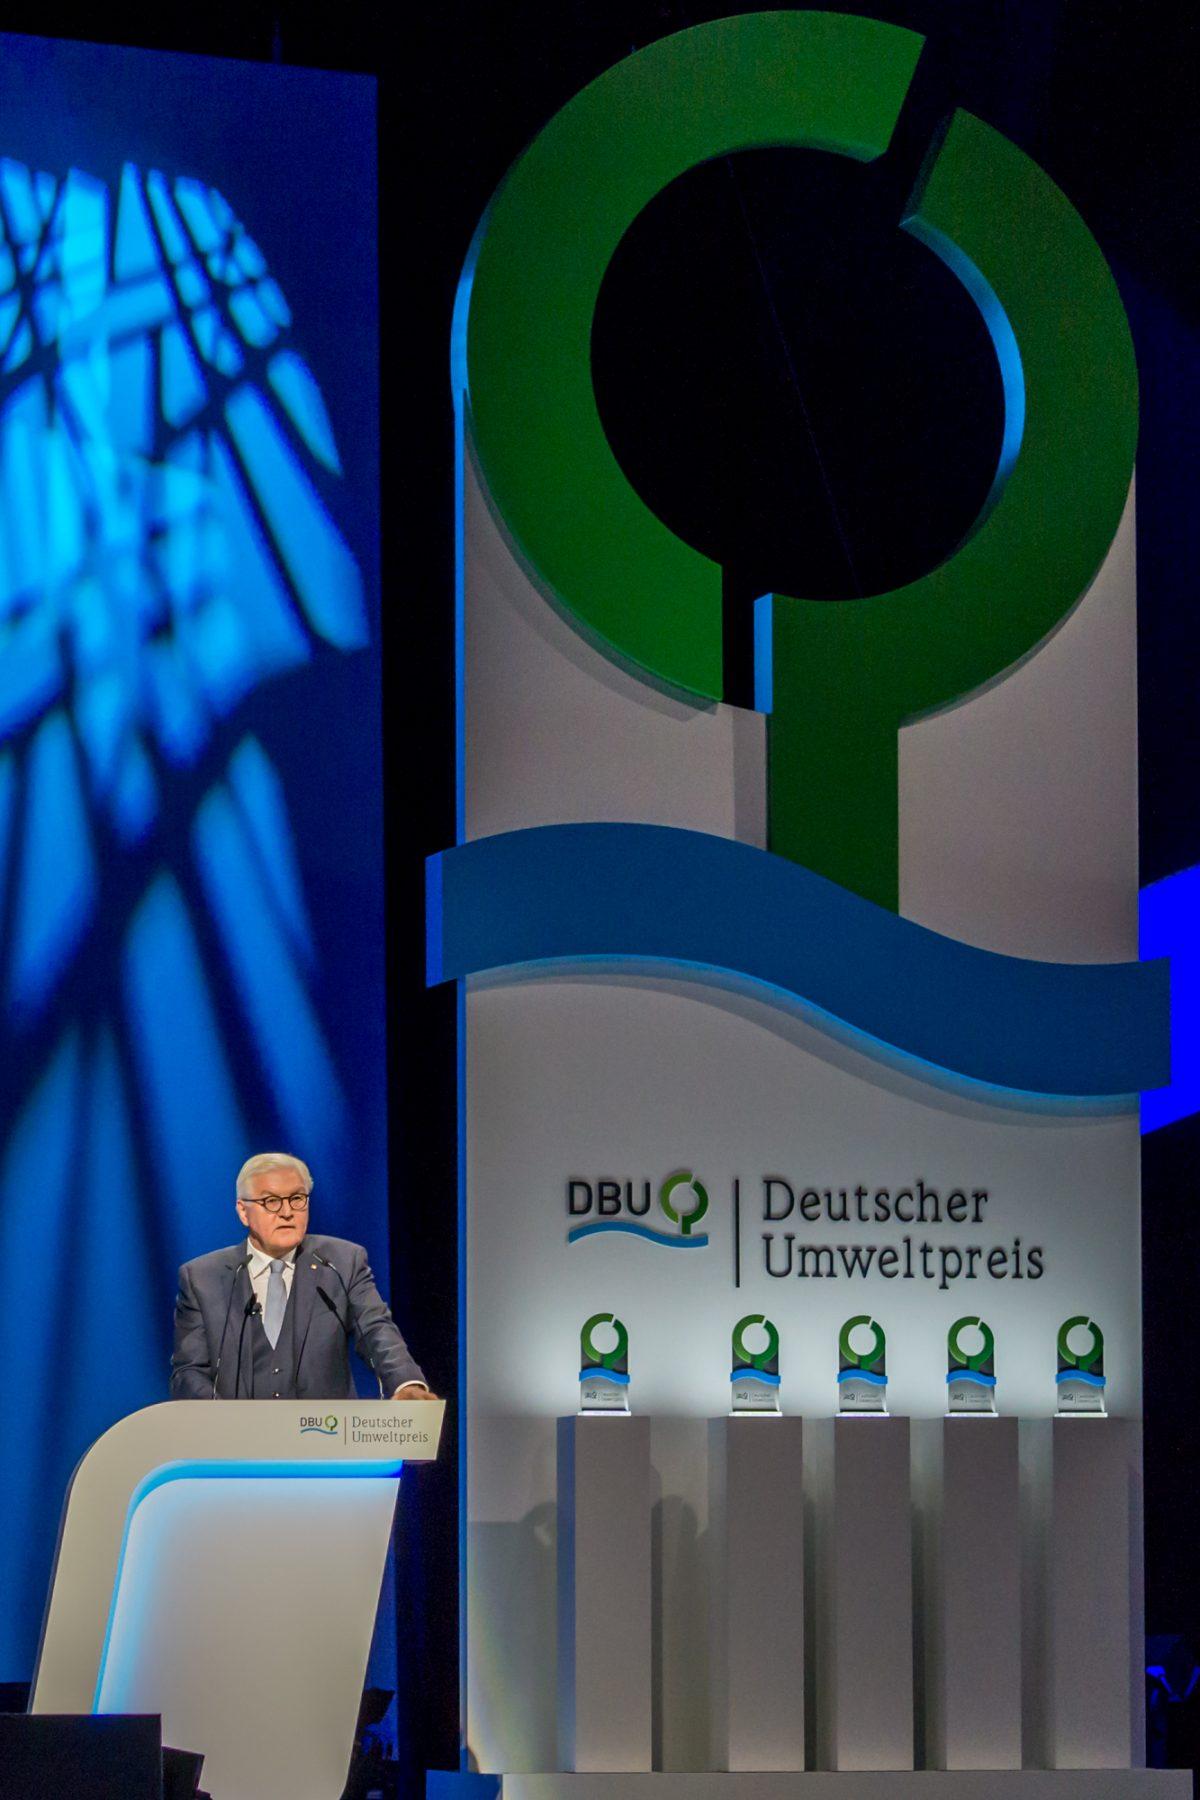 Deutscher Umweltpreis 2019